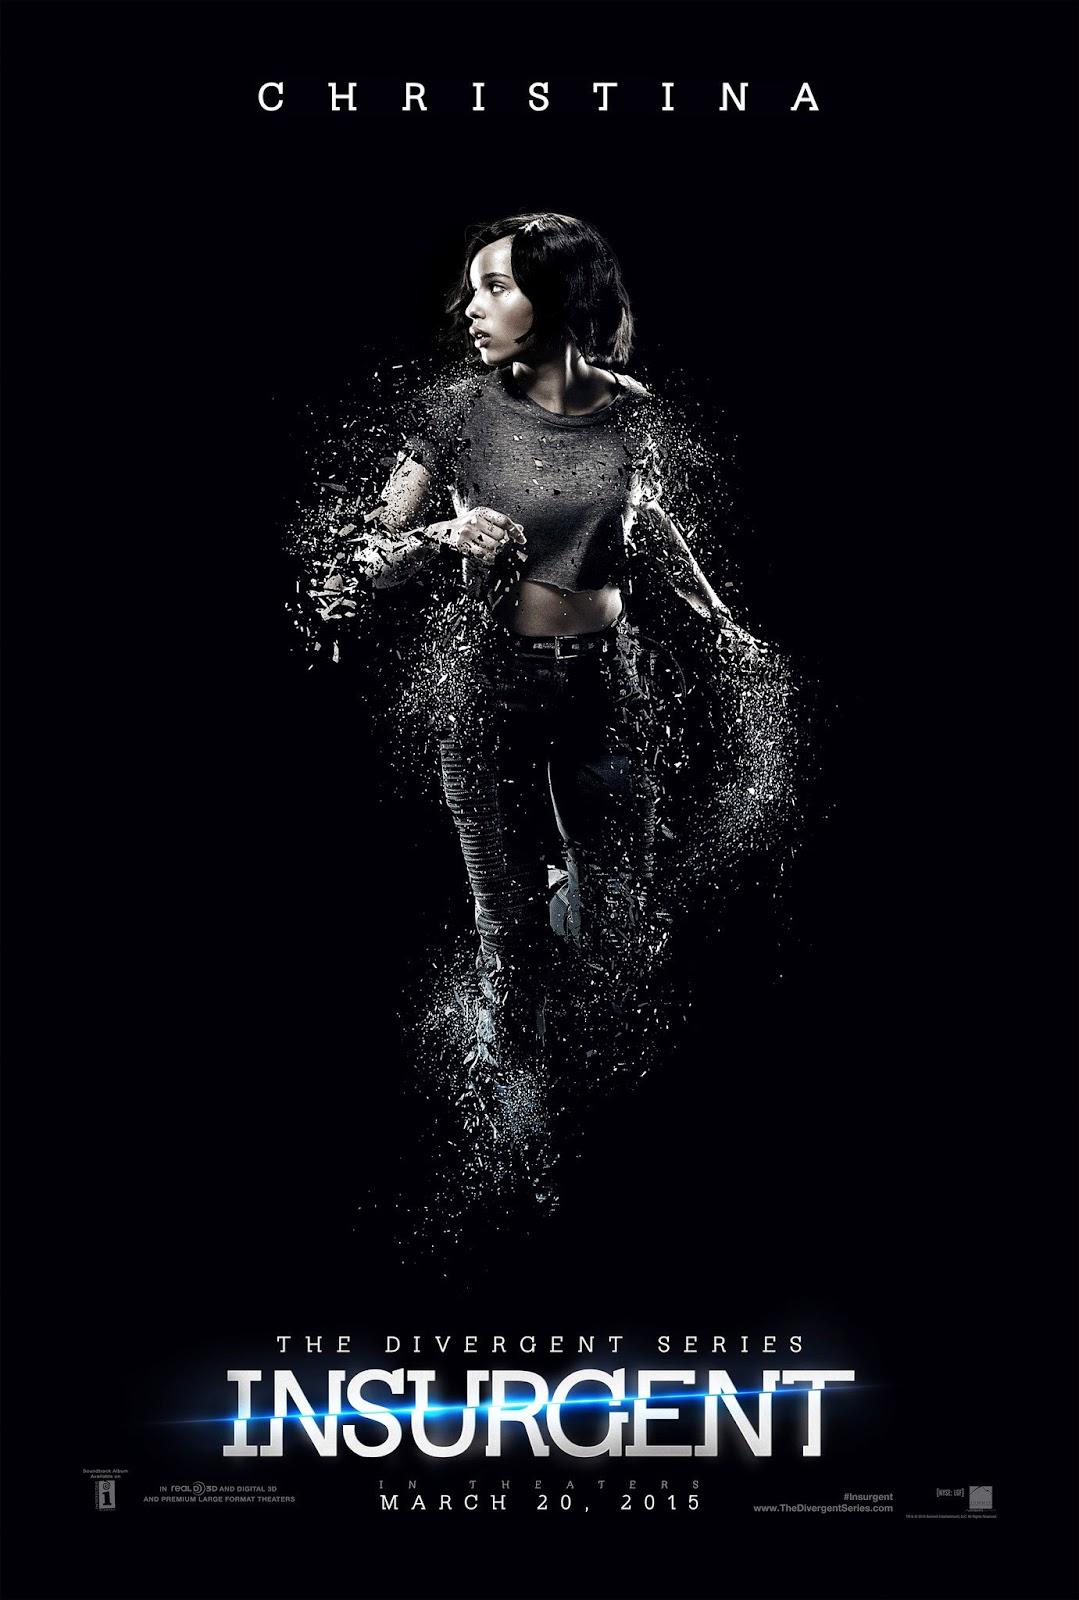 Christina Insurgent